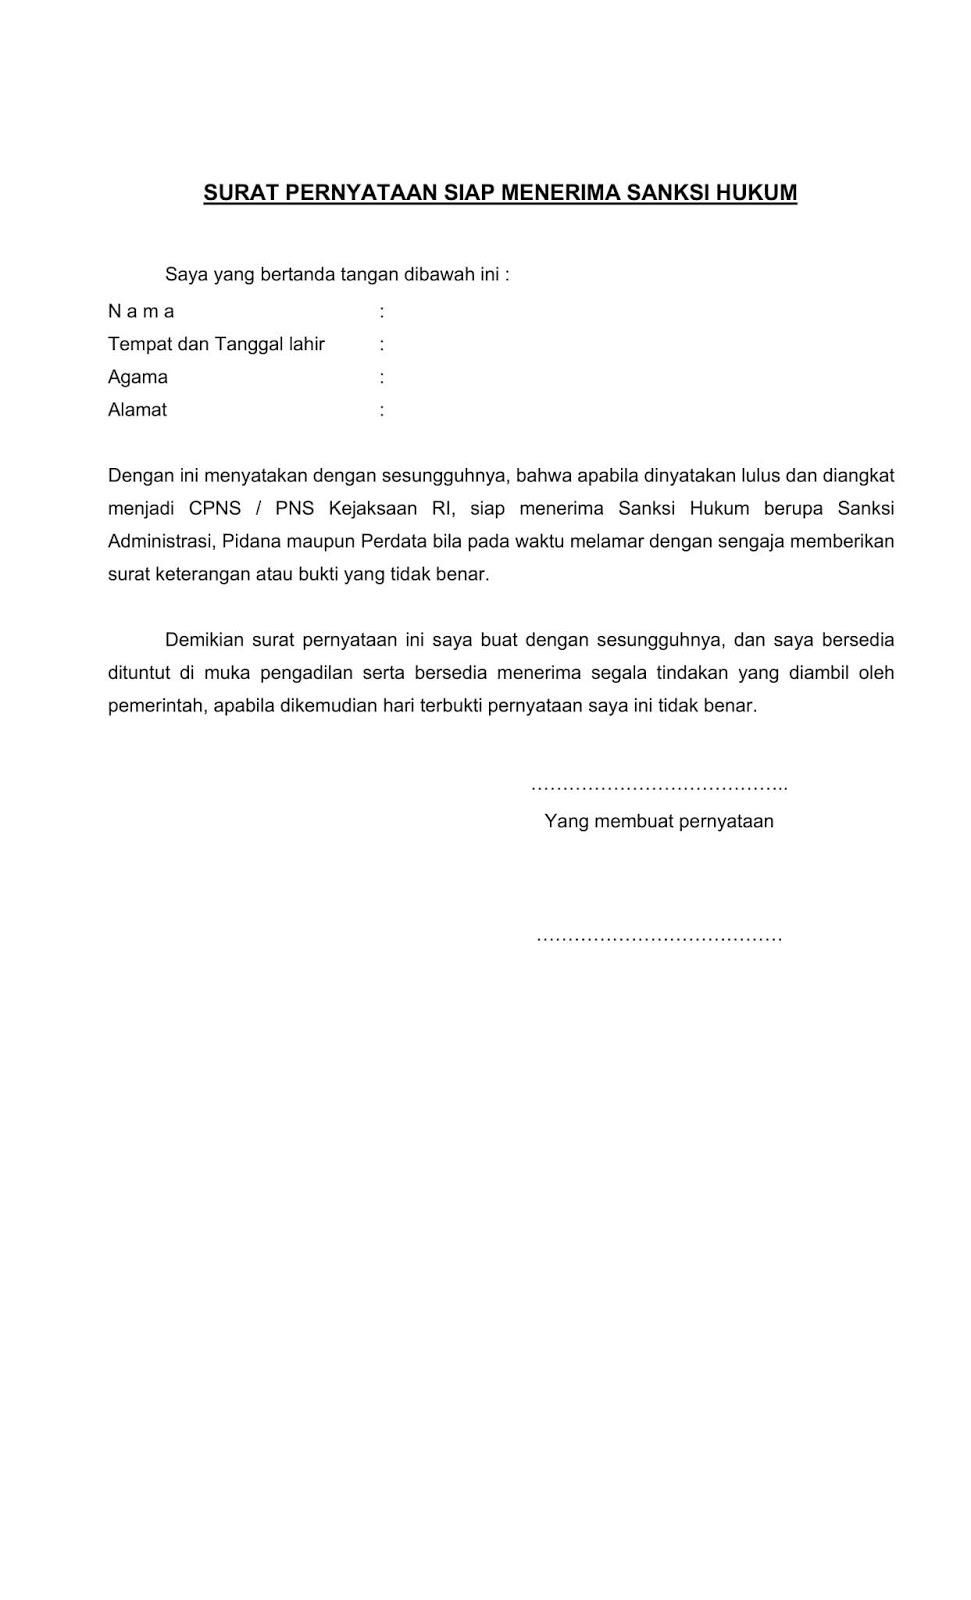 Kumpulan contoh soal psikotes dan kunci jawabannya dilengkapi penjelasannya. Contoh Terbaru Format Surat Pernyataan Cpns Kejaksaan Agung Tahun 2019 Semua Formasi Jabatan Rekrutmen Lowongan Kerja Cpns Bumn Bulan Oktober 2021